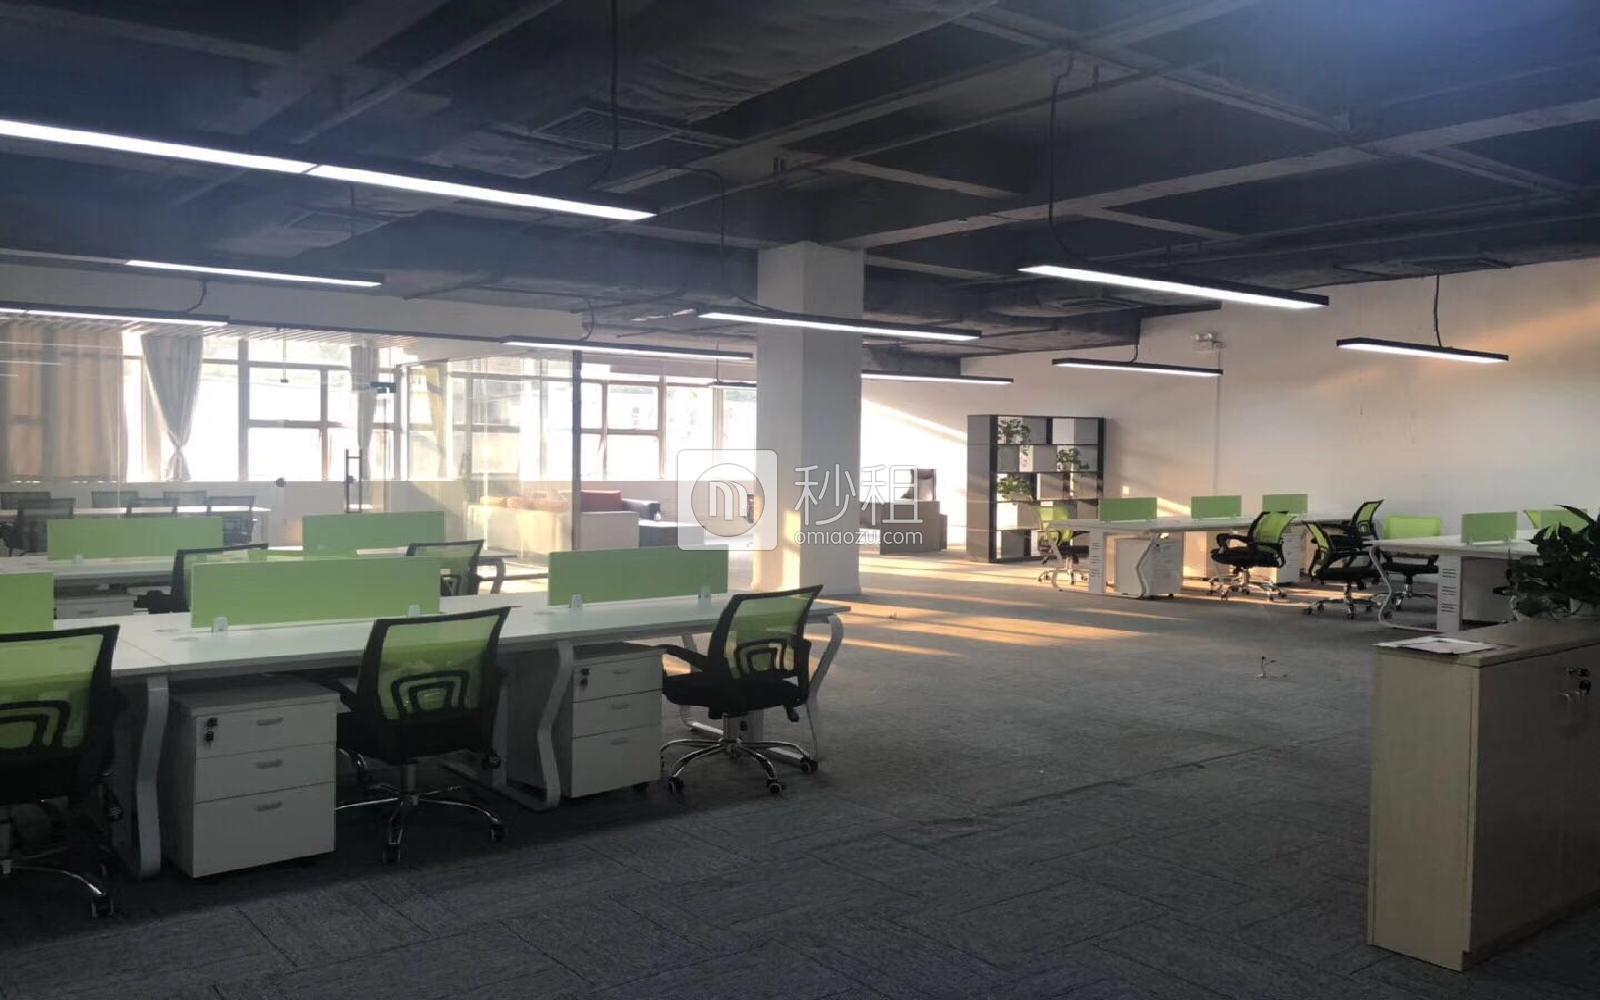 南山-蛇口 蛇口网谷-科技大厦 443m²